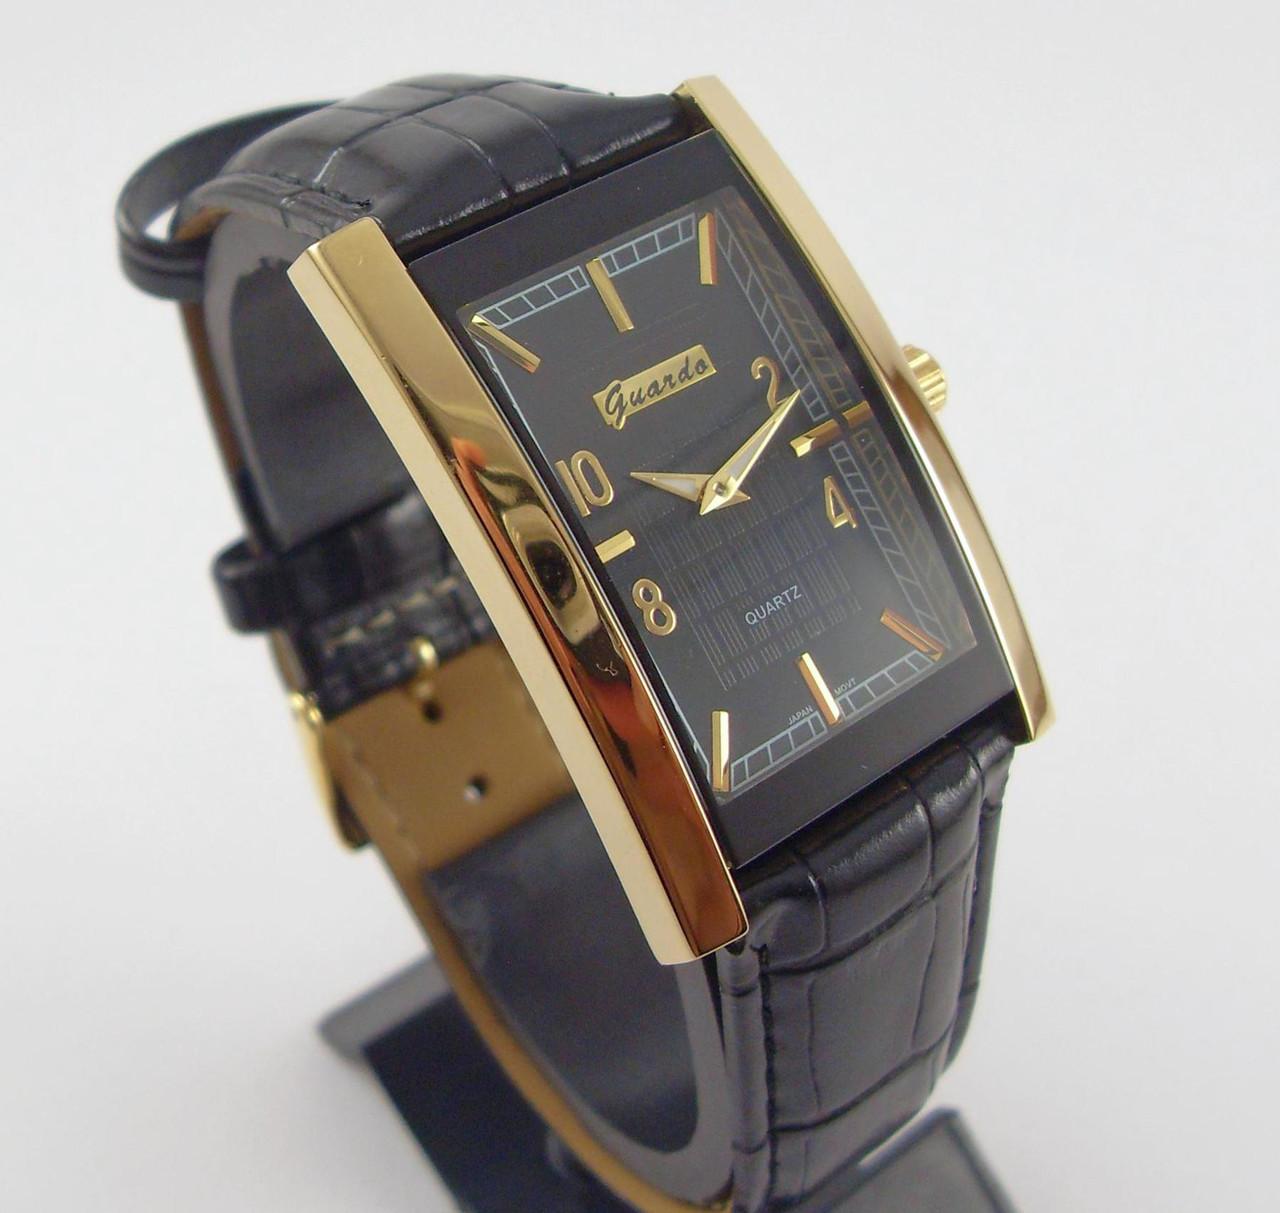 Часы прямоугольные купить часы v6 super speed купить